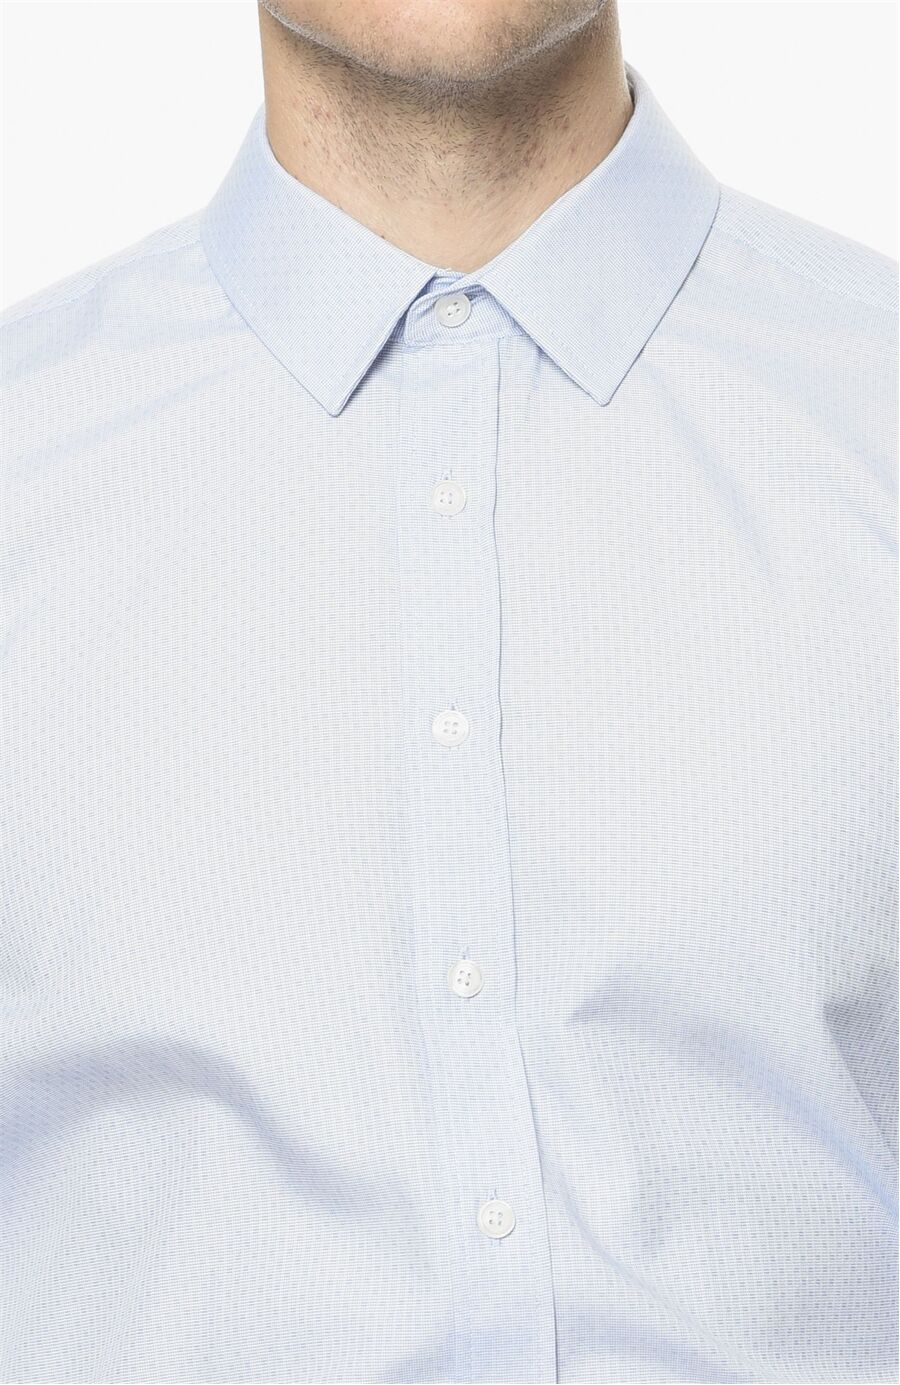 Jakarlı Desen Mavi Gömlek